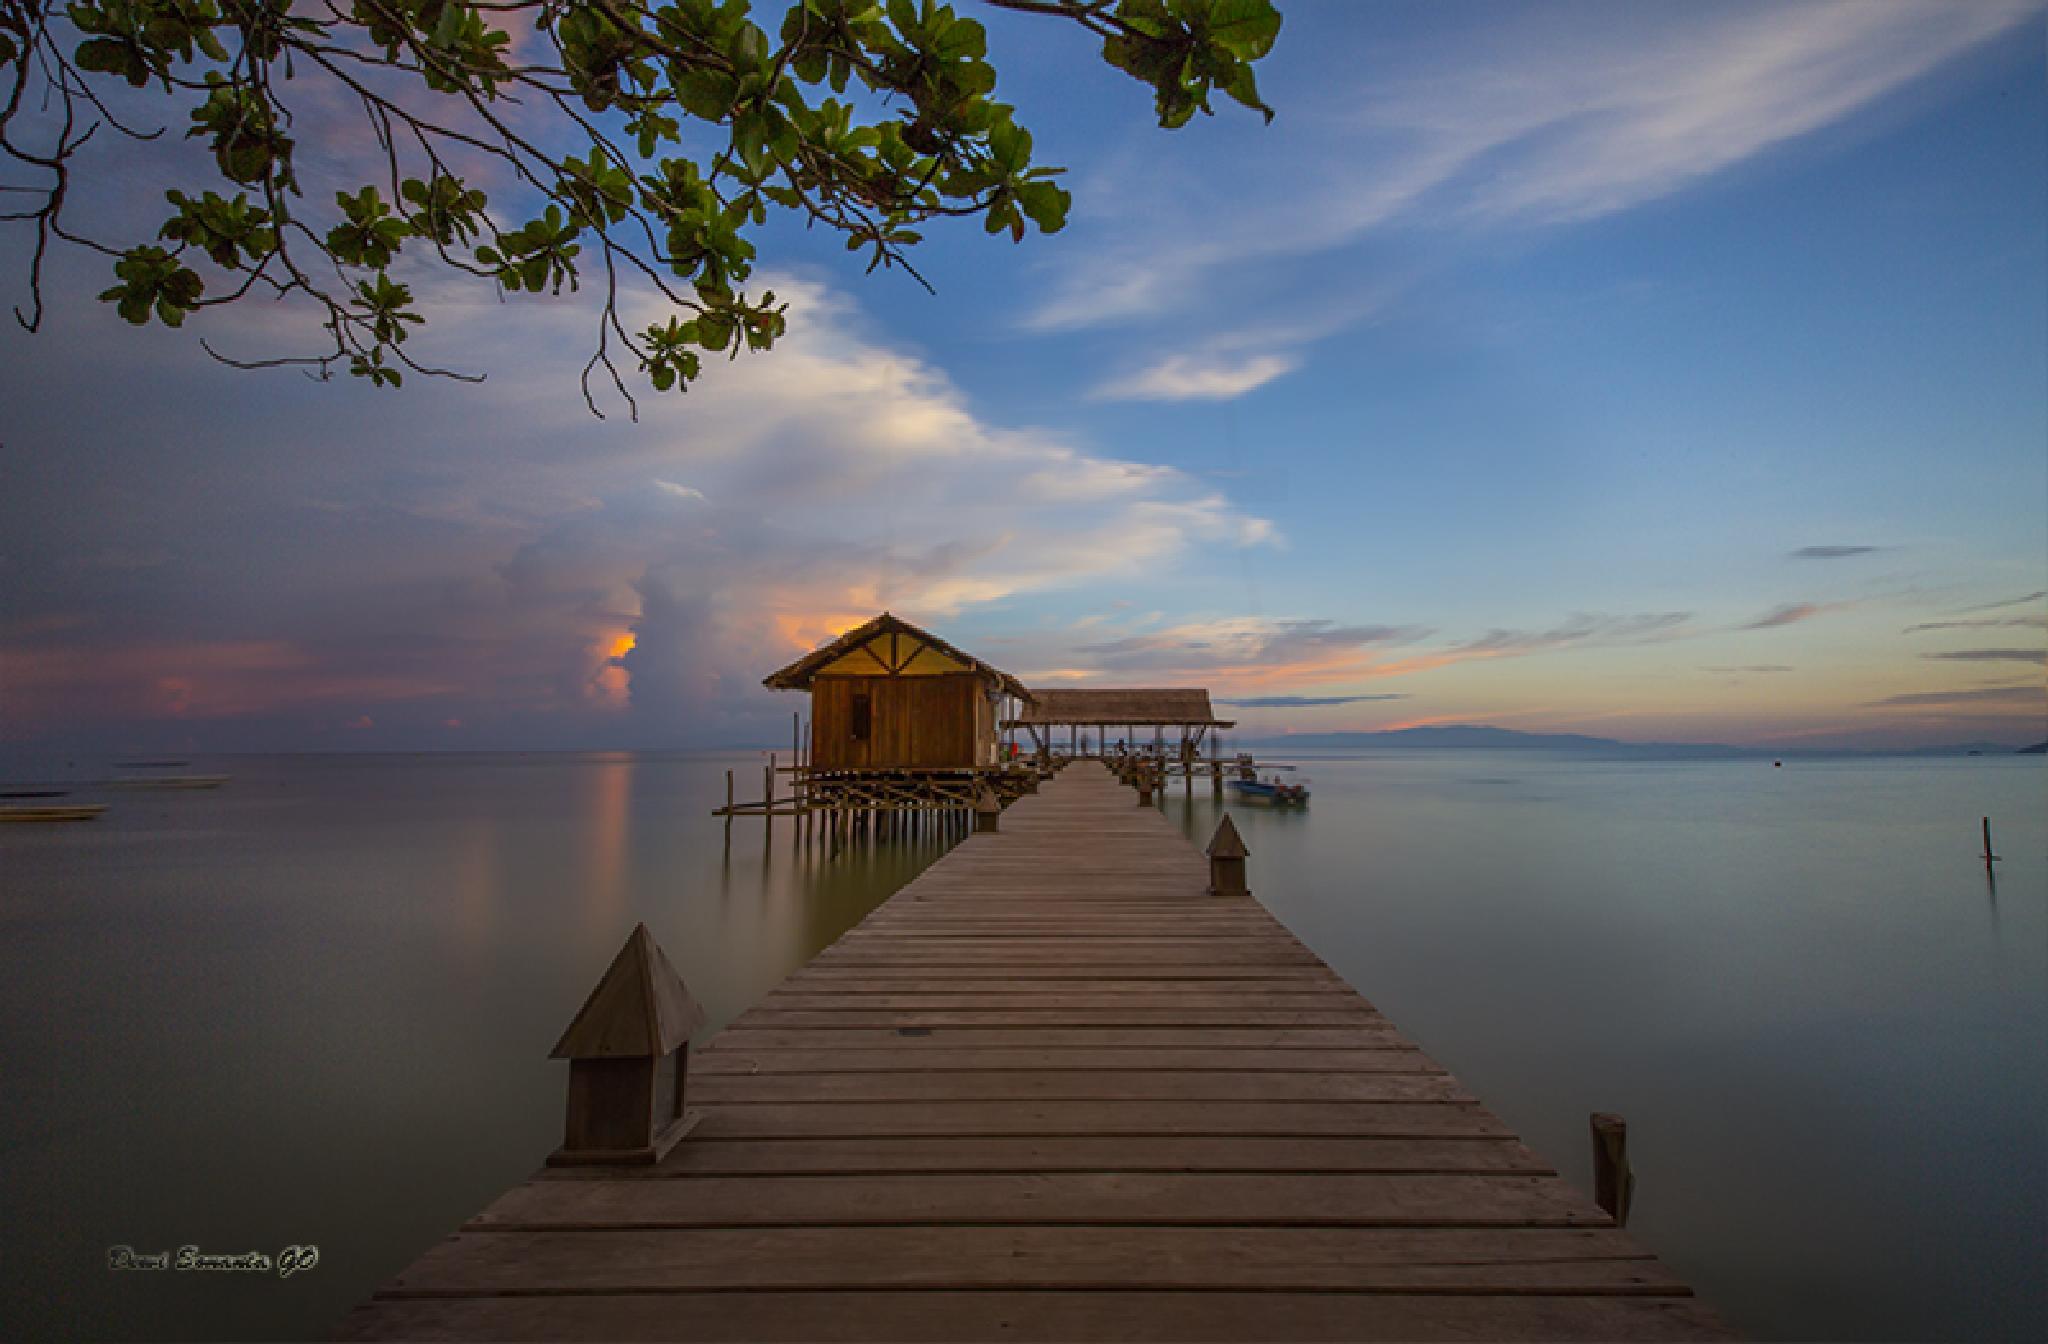 sunset at Raja Ampat. by Go Dewi Sonanta / Song Song